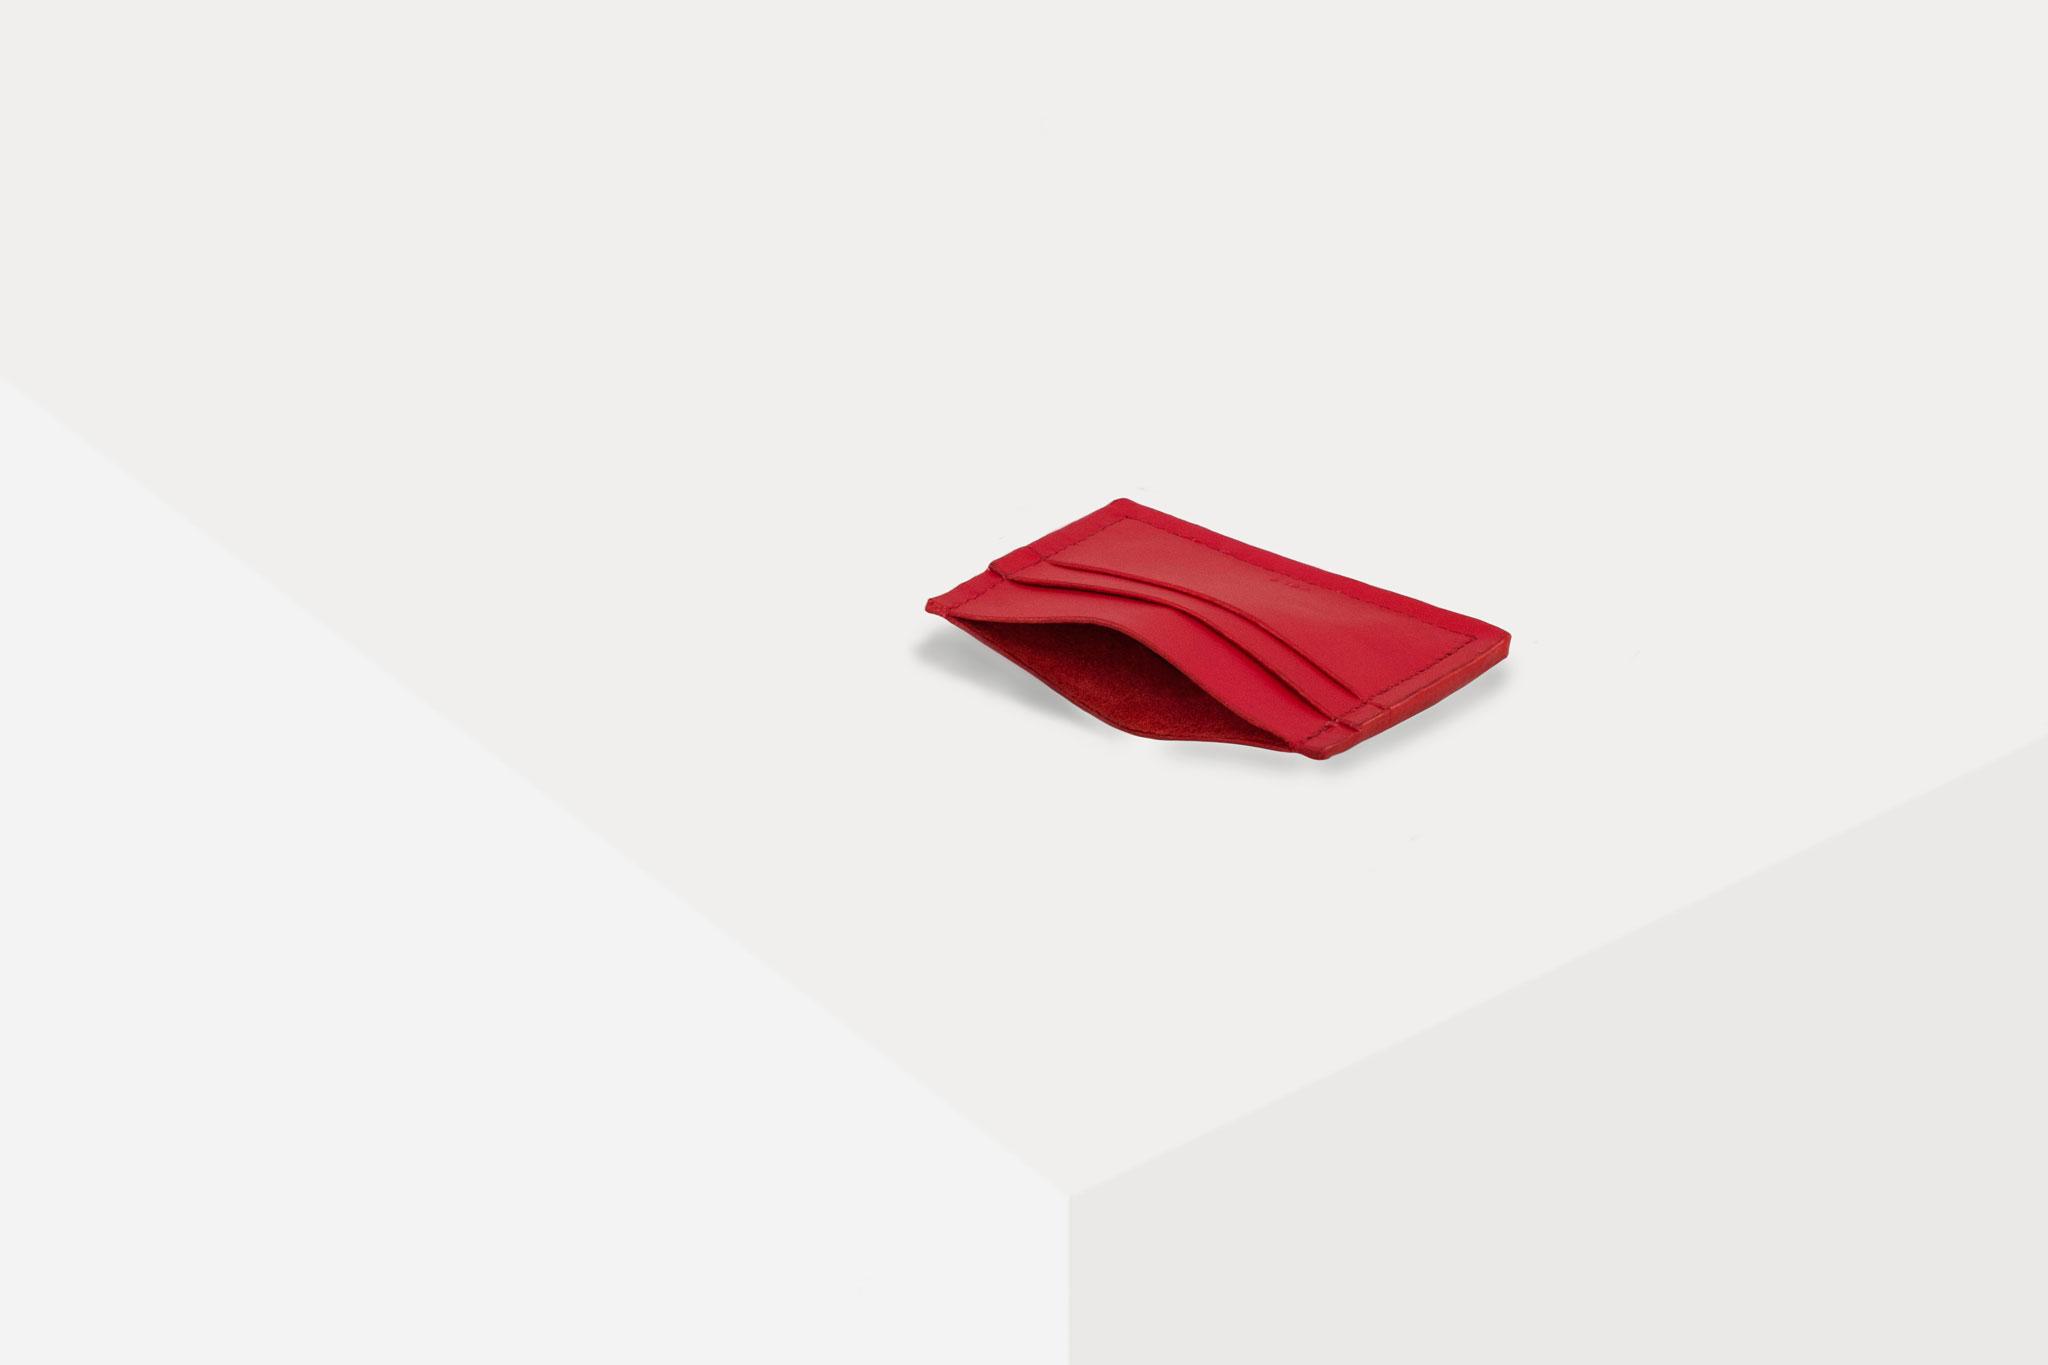 vele_cardholder_red_open.jpg